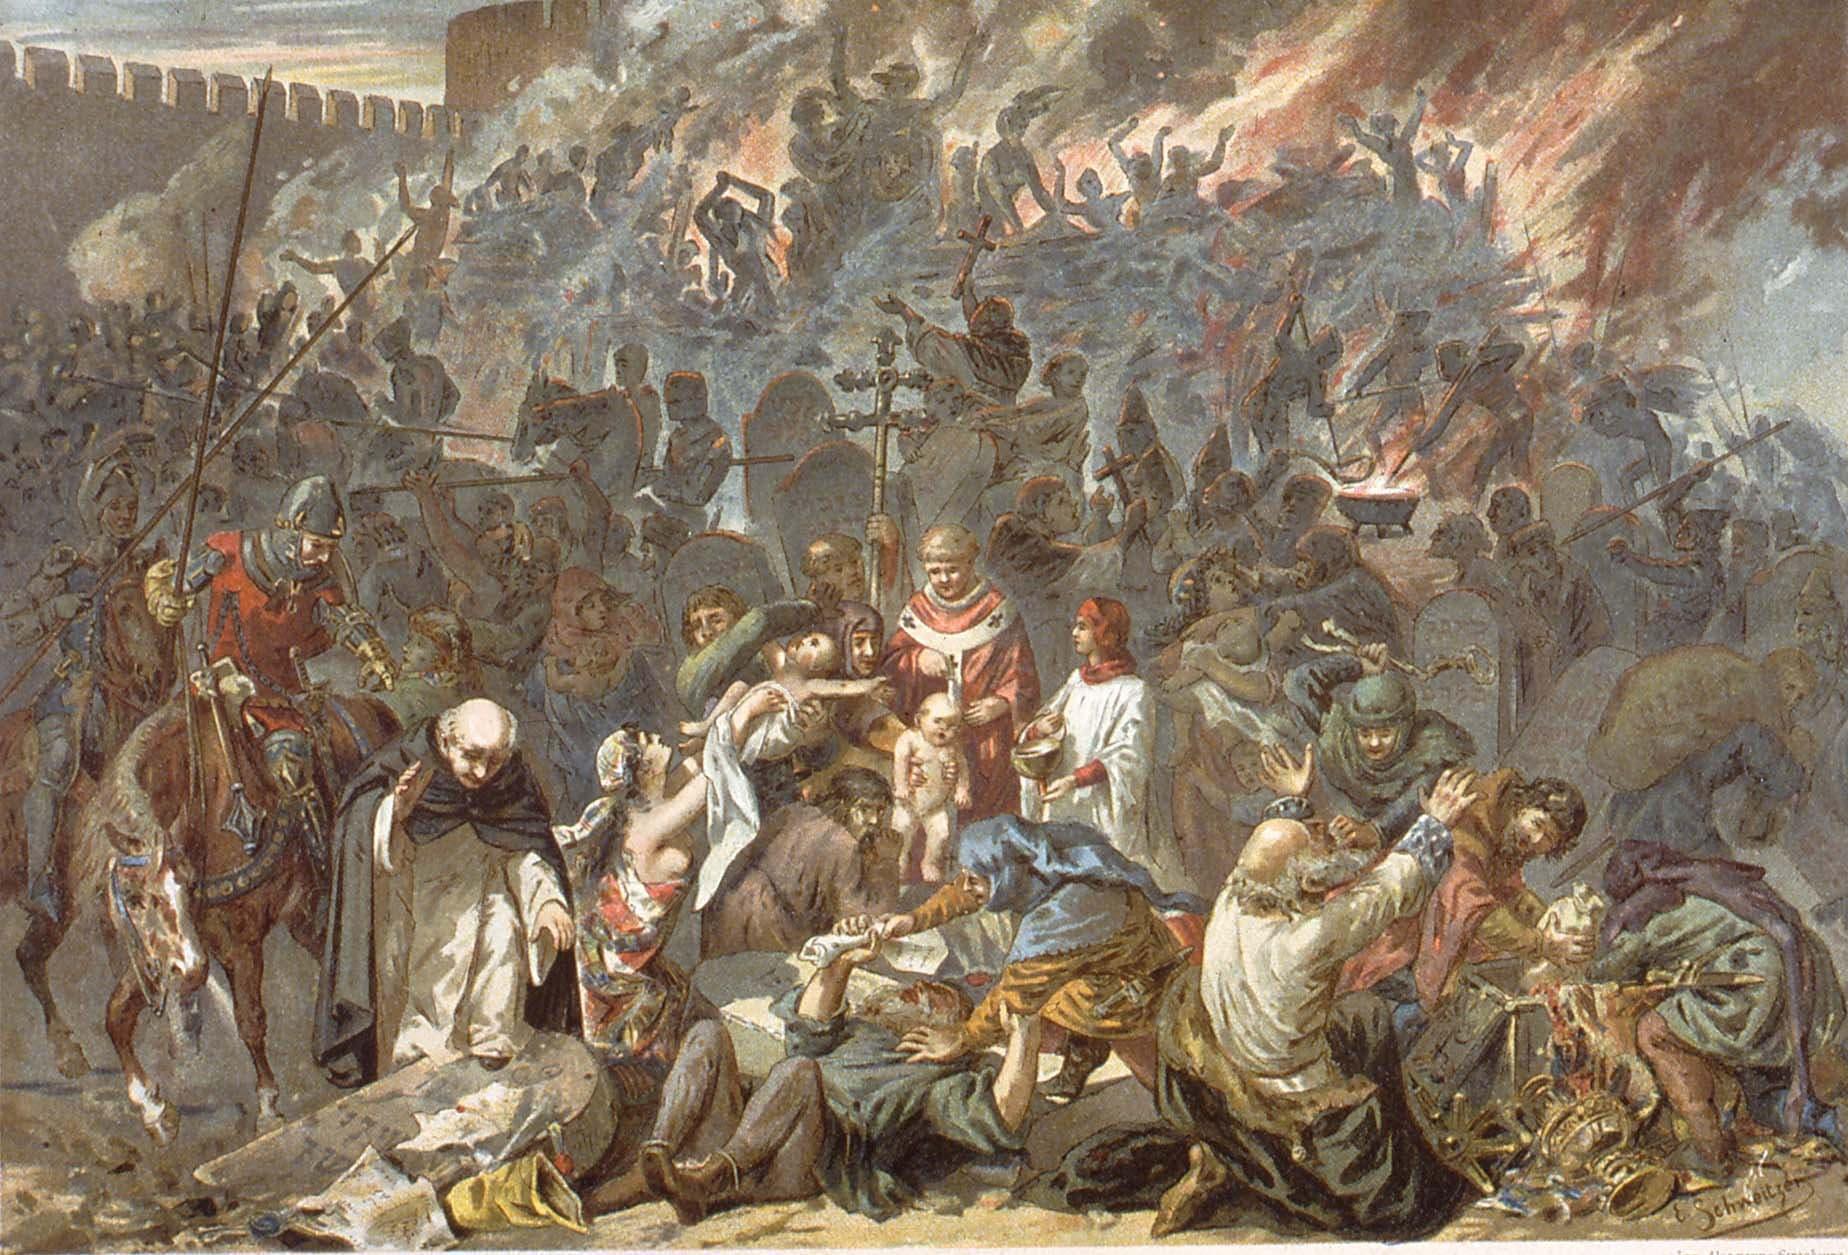 لوحة تجسد مذبحة سترازبورغ الفرنسية